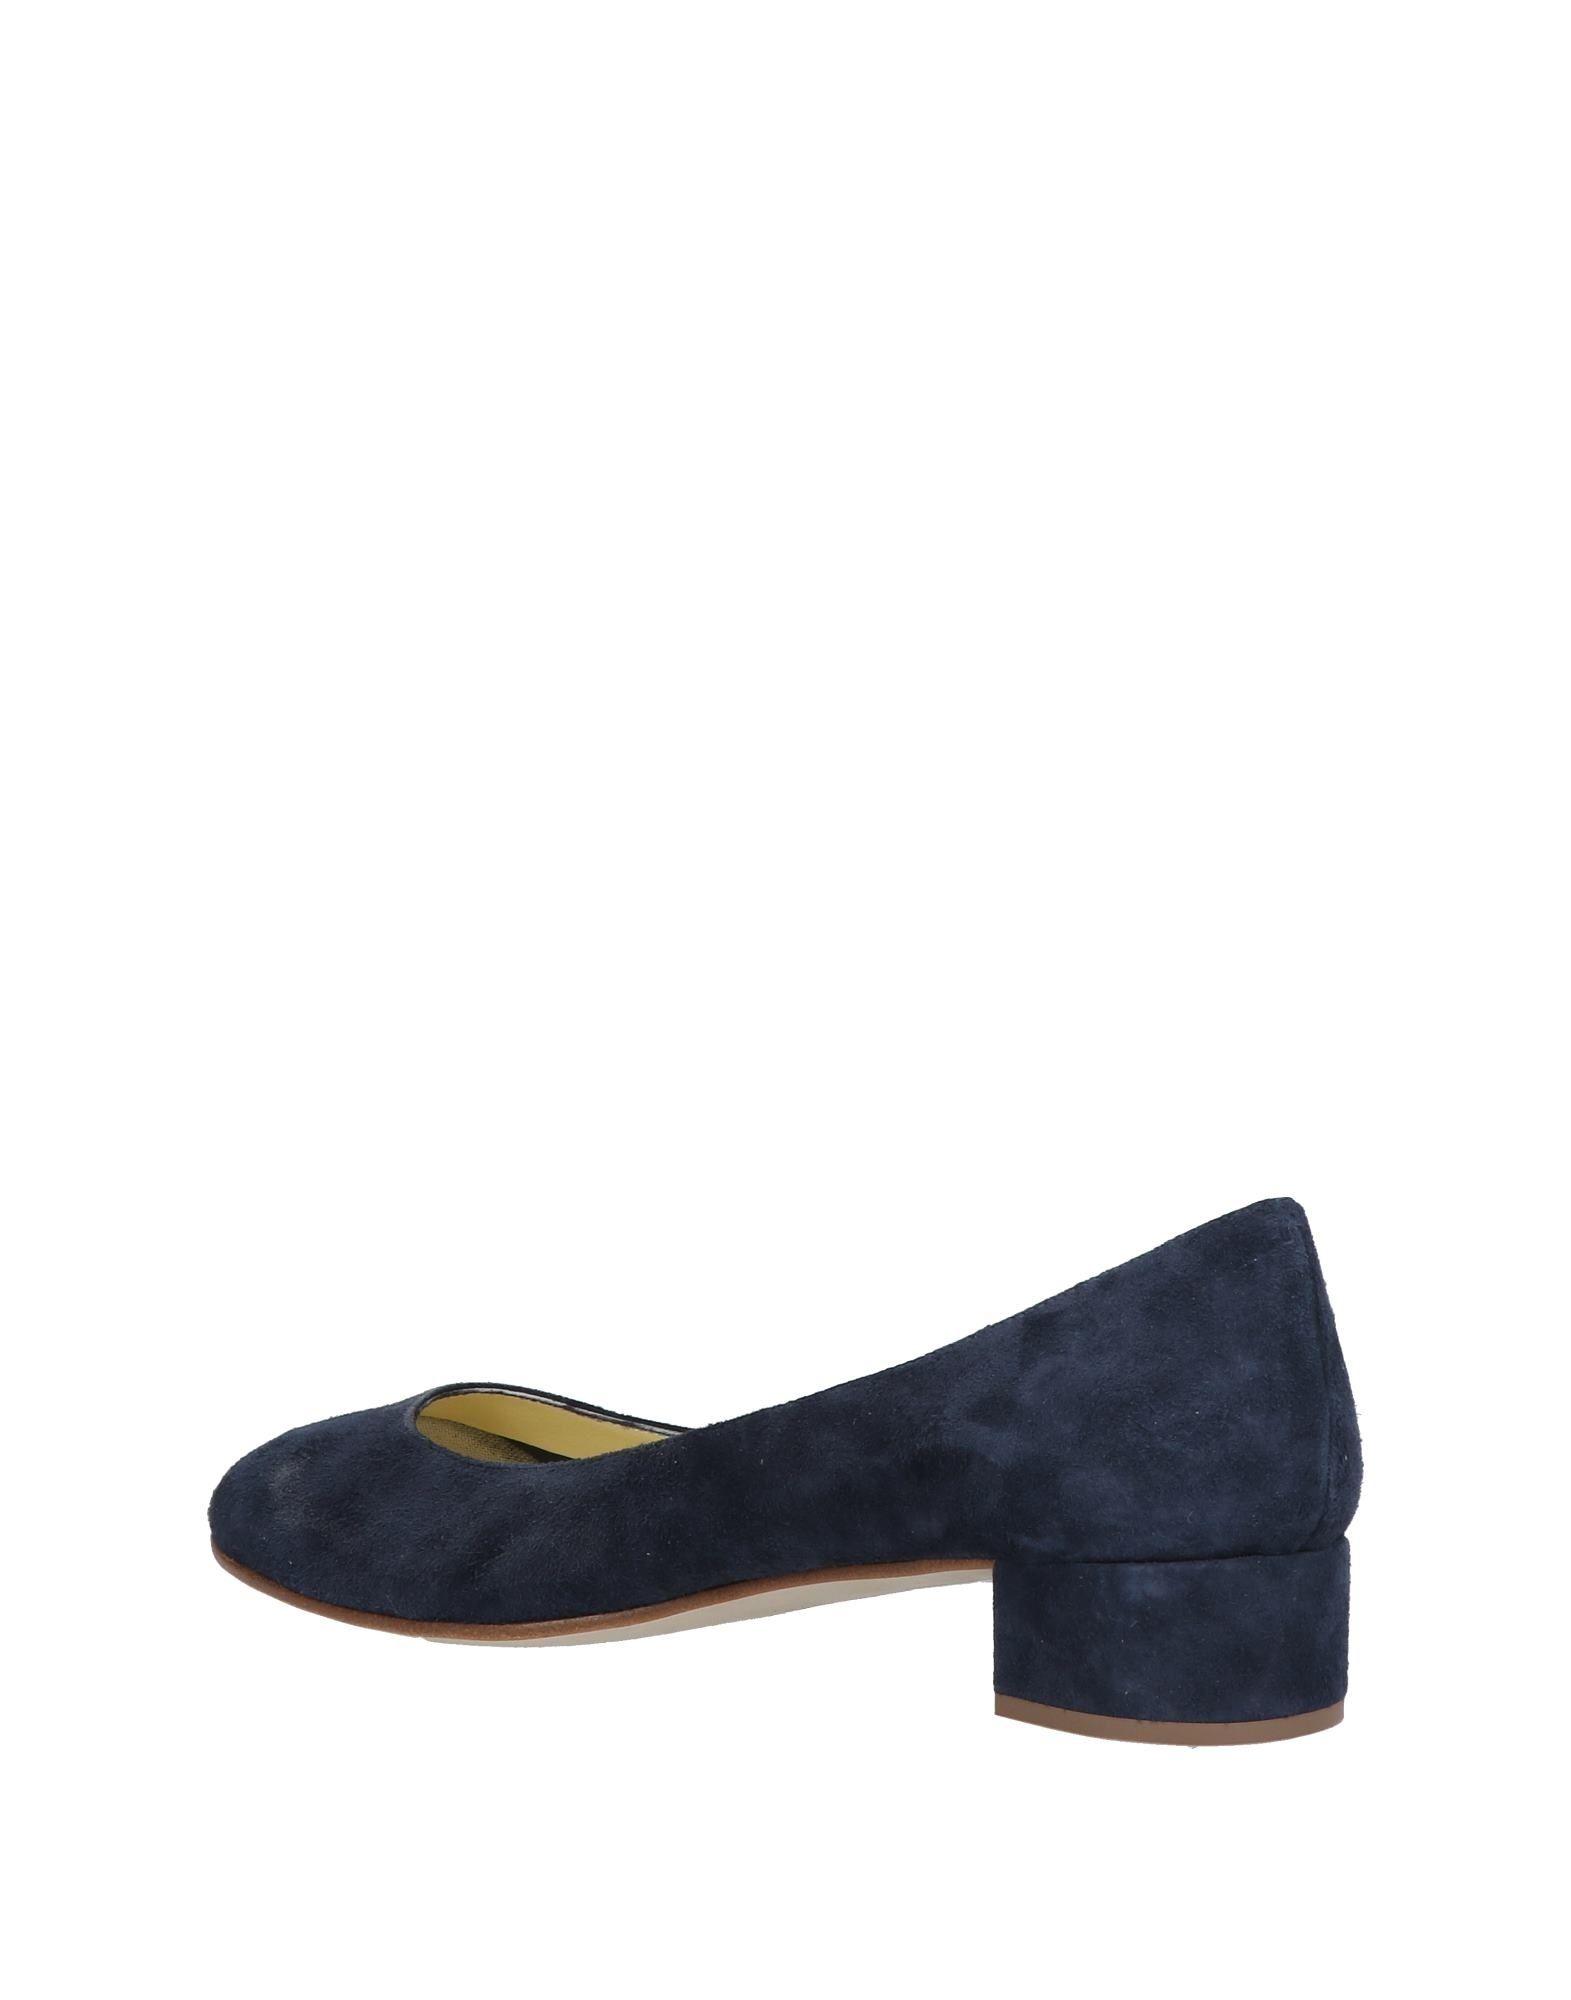 Logica Pumps Damen  11430893ME 11430893ME  Gute Qualität beliebte Schuhe 263b72